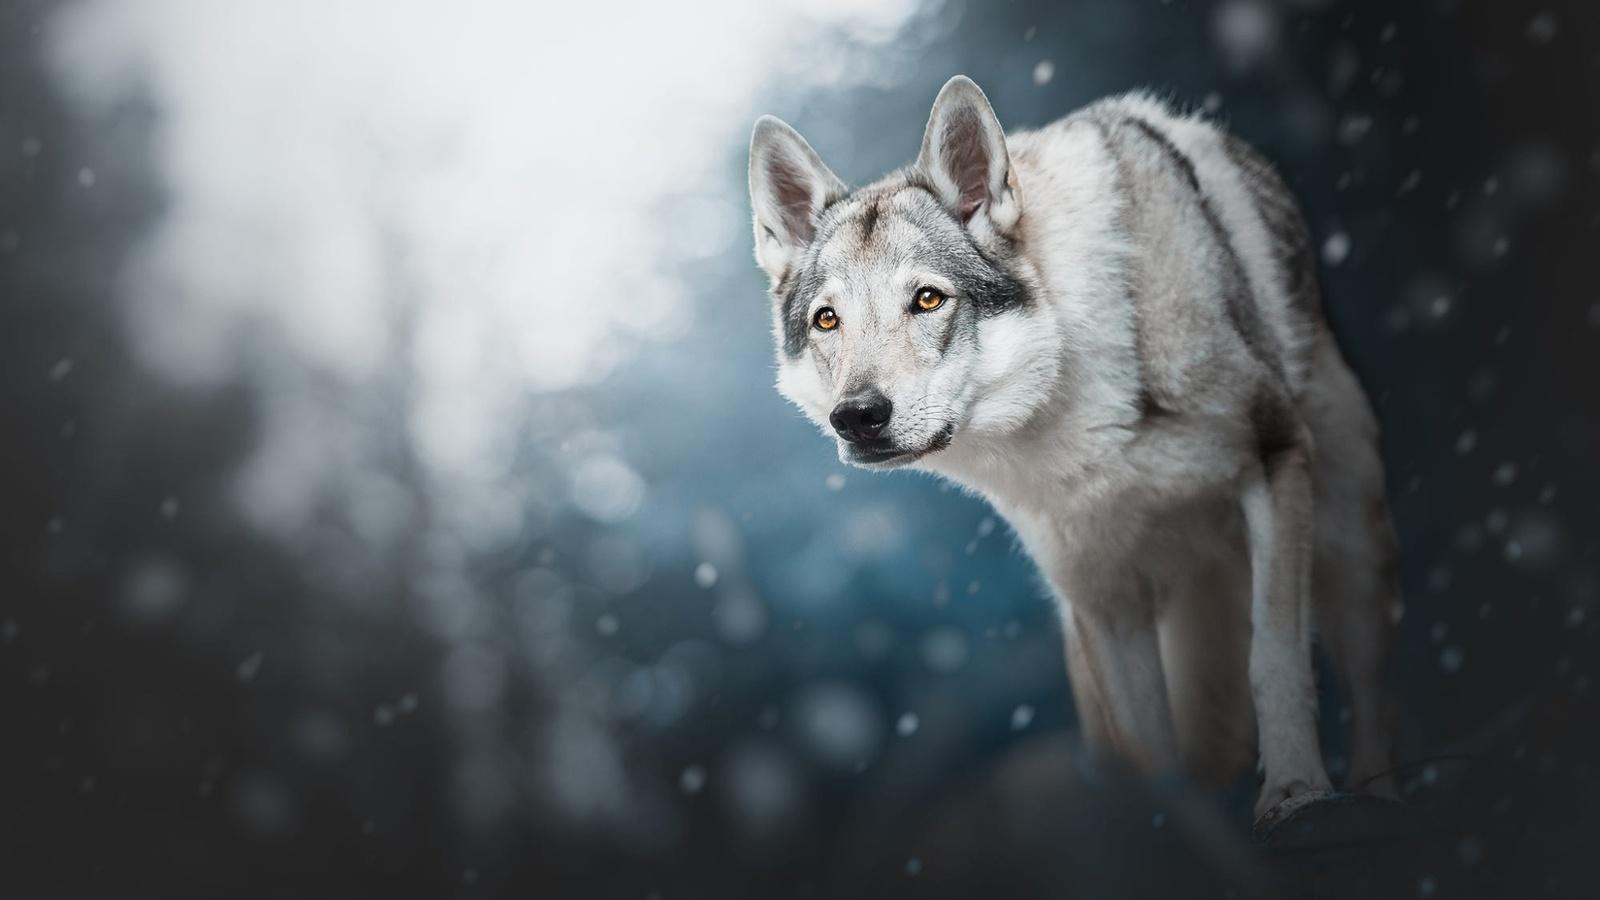 животное, собака, пёс, взгляд, зима, снег